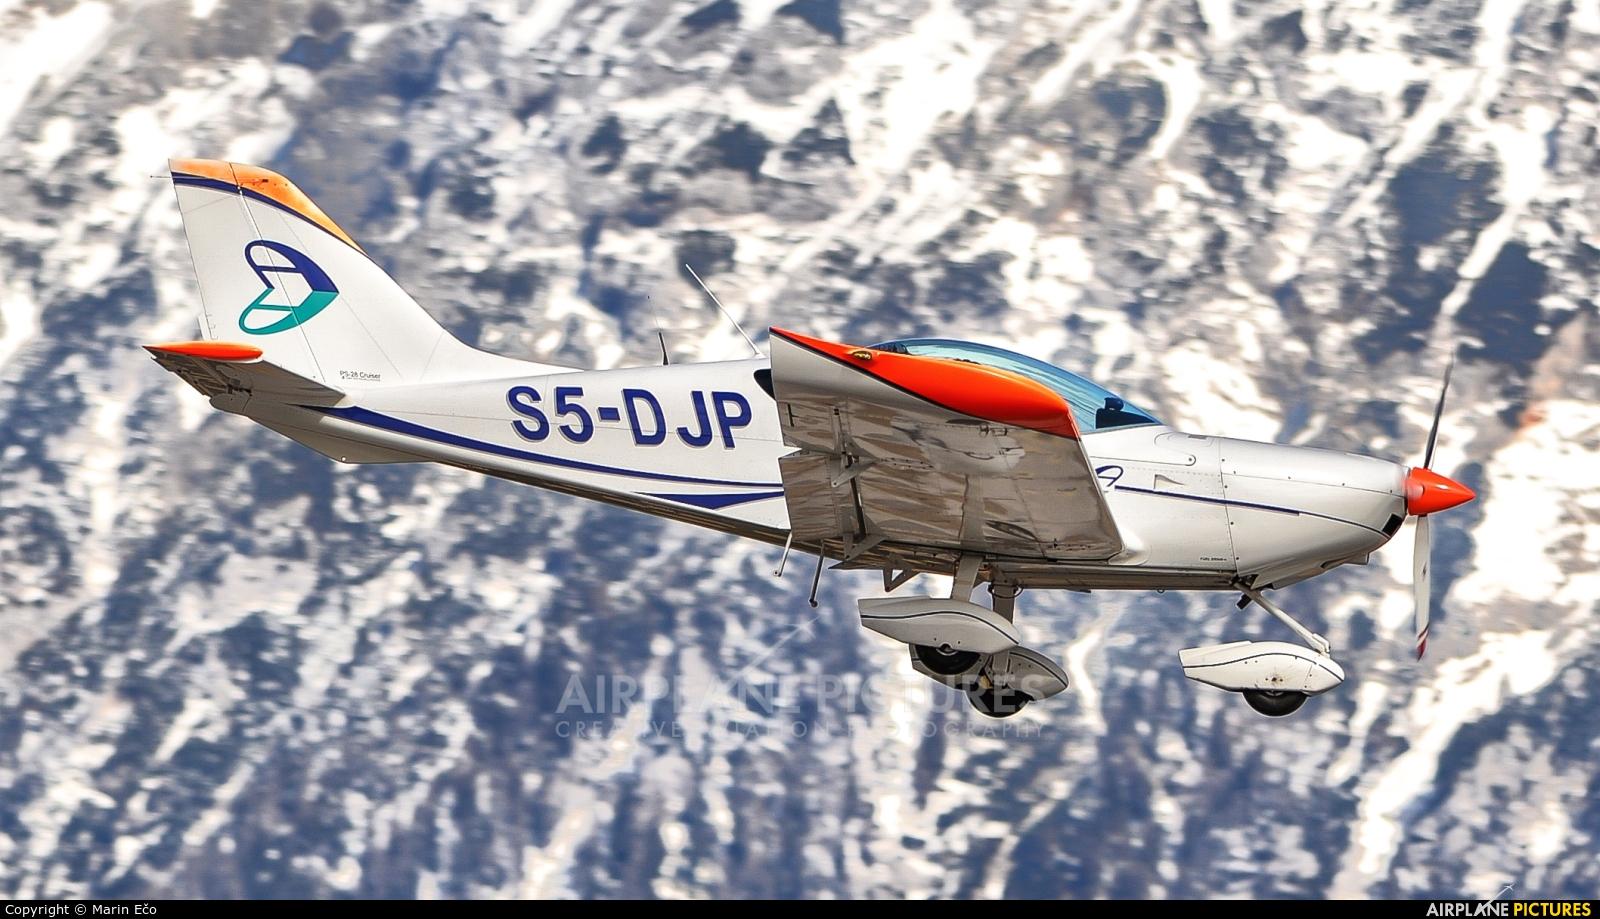 Adria Airways S5-DJP aircraft at Ljubljana - Brnik